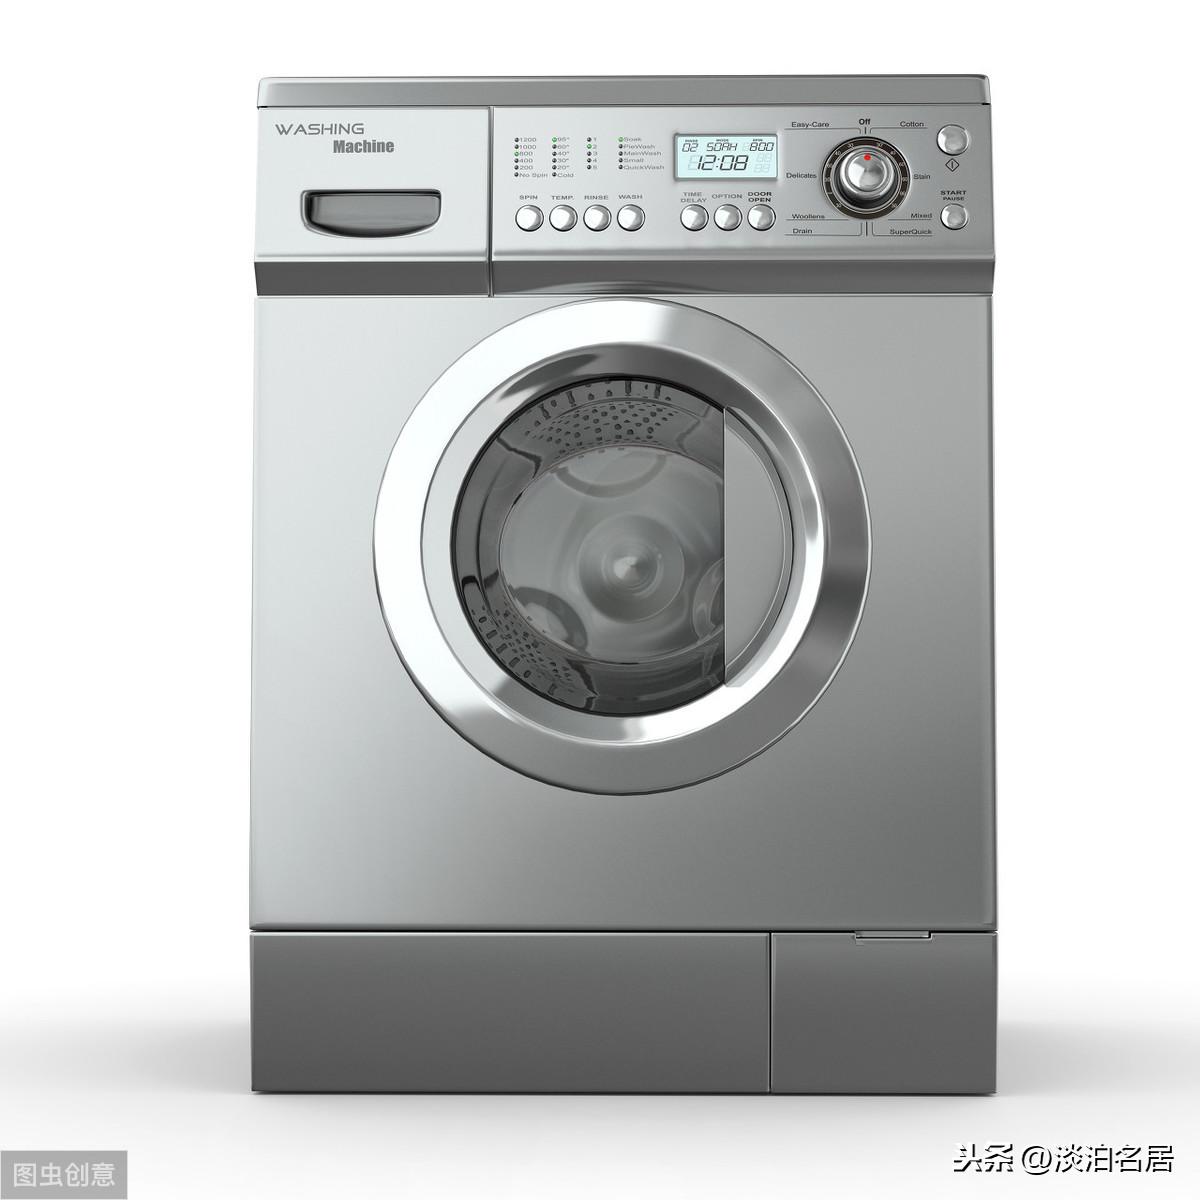 滚筒洗衣机怎么清洗污垢 滚筒洗衣机怎么拆洗内桶